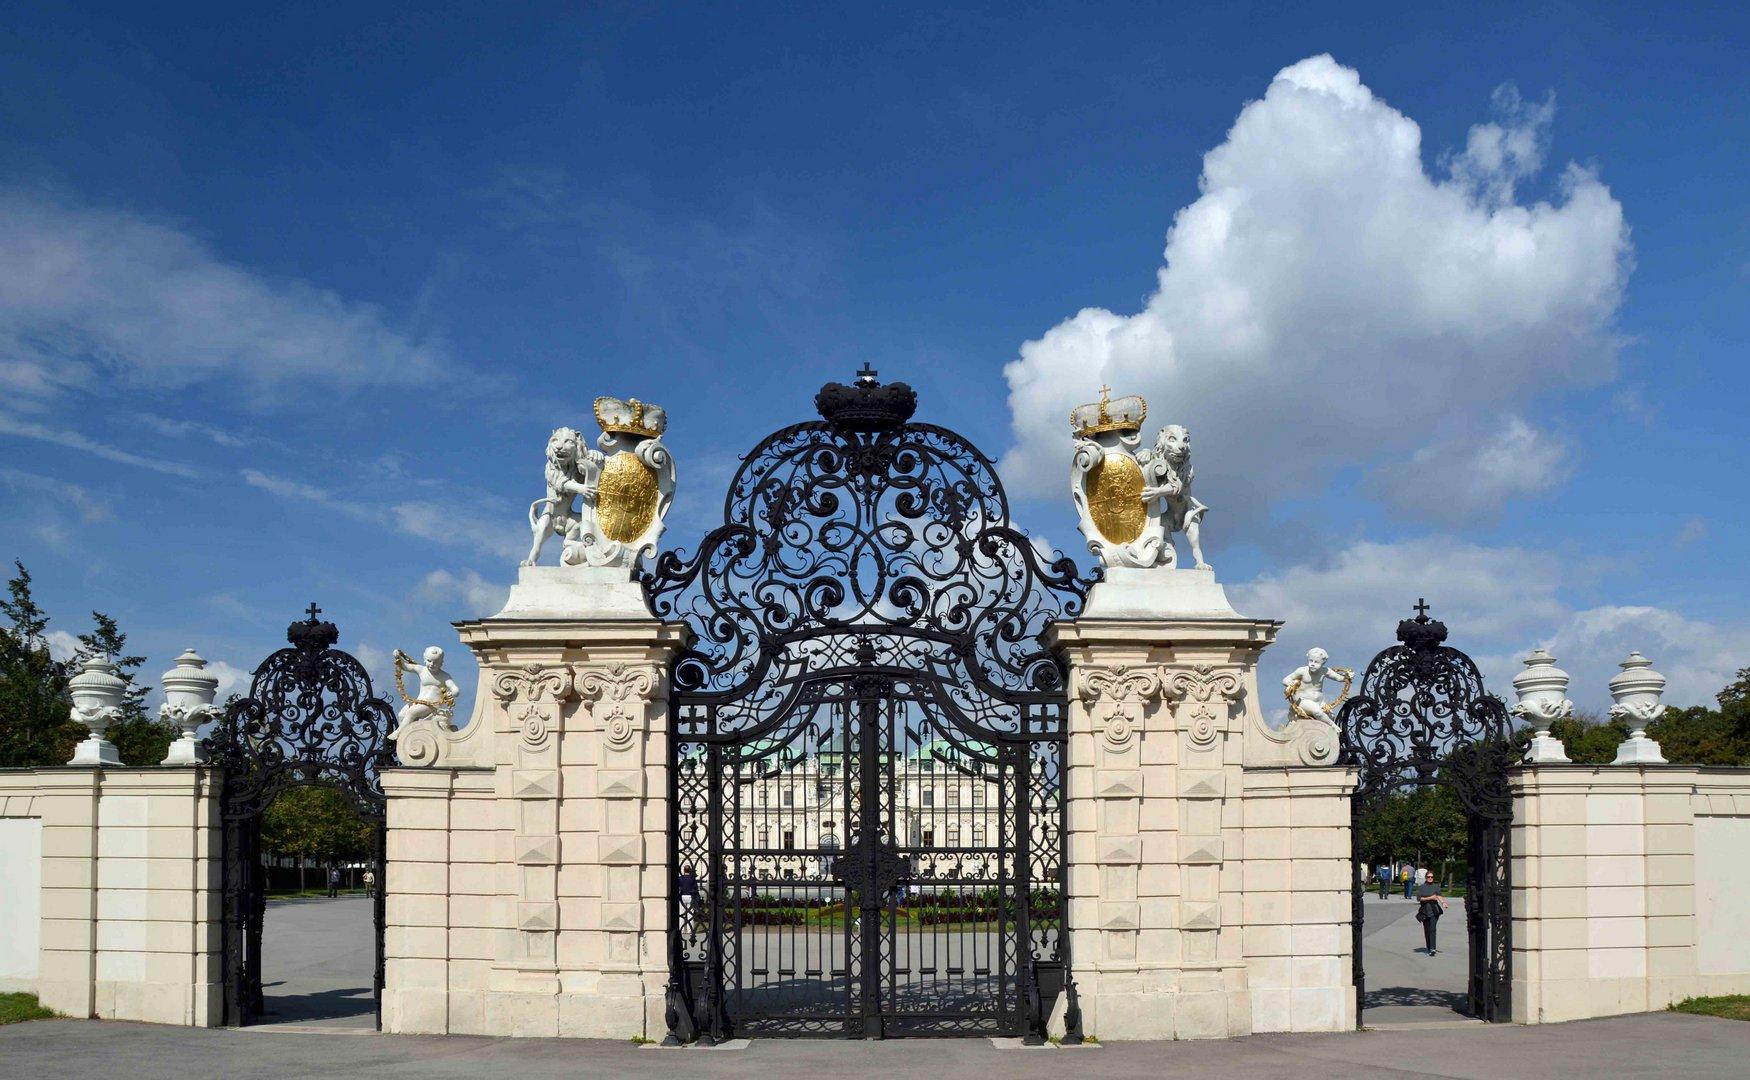 Typisch Wien - Eingang zum Schloß Belvedere